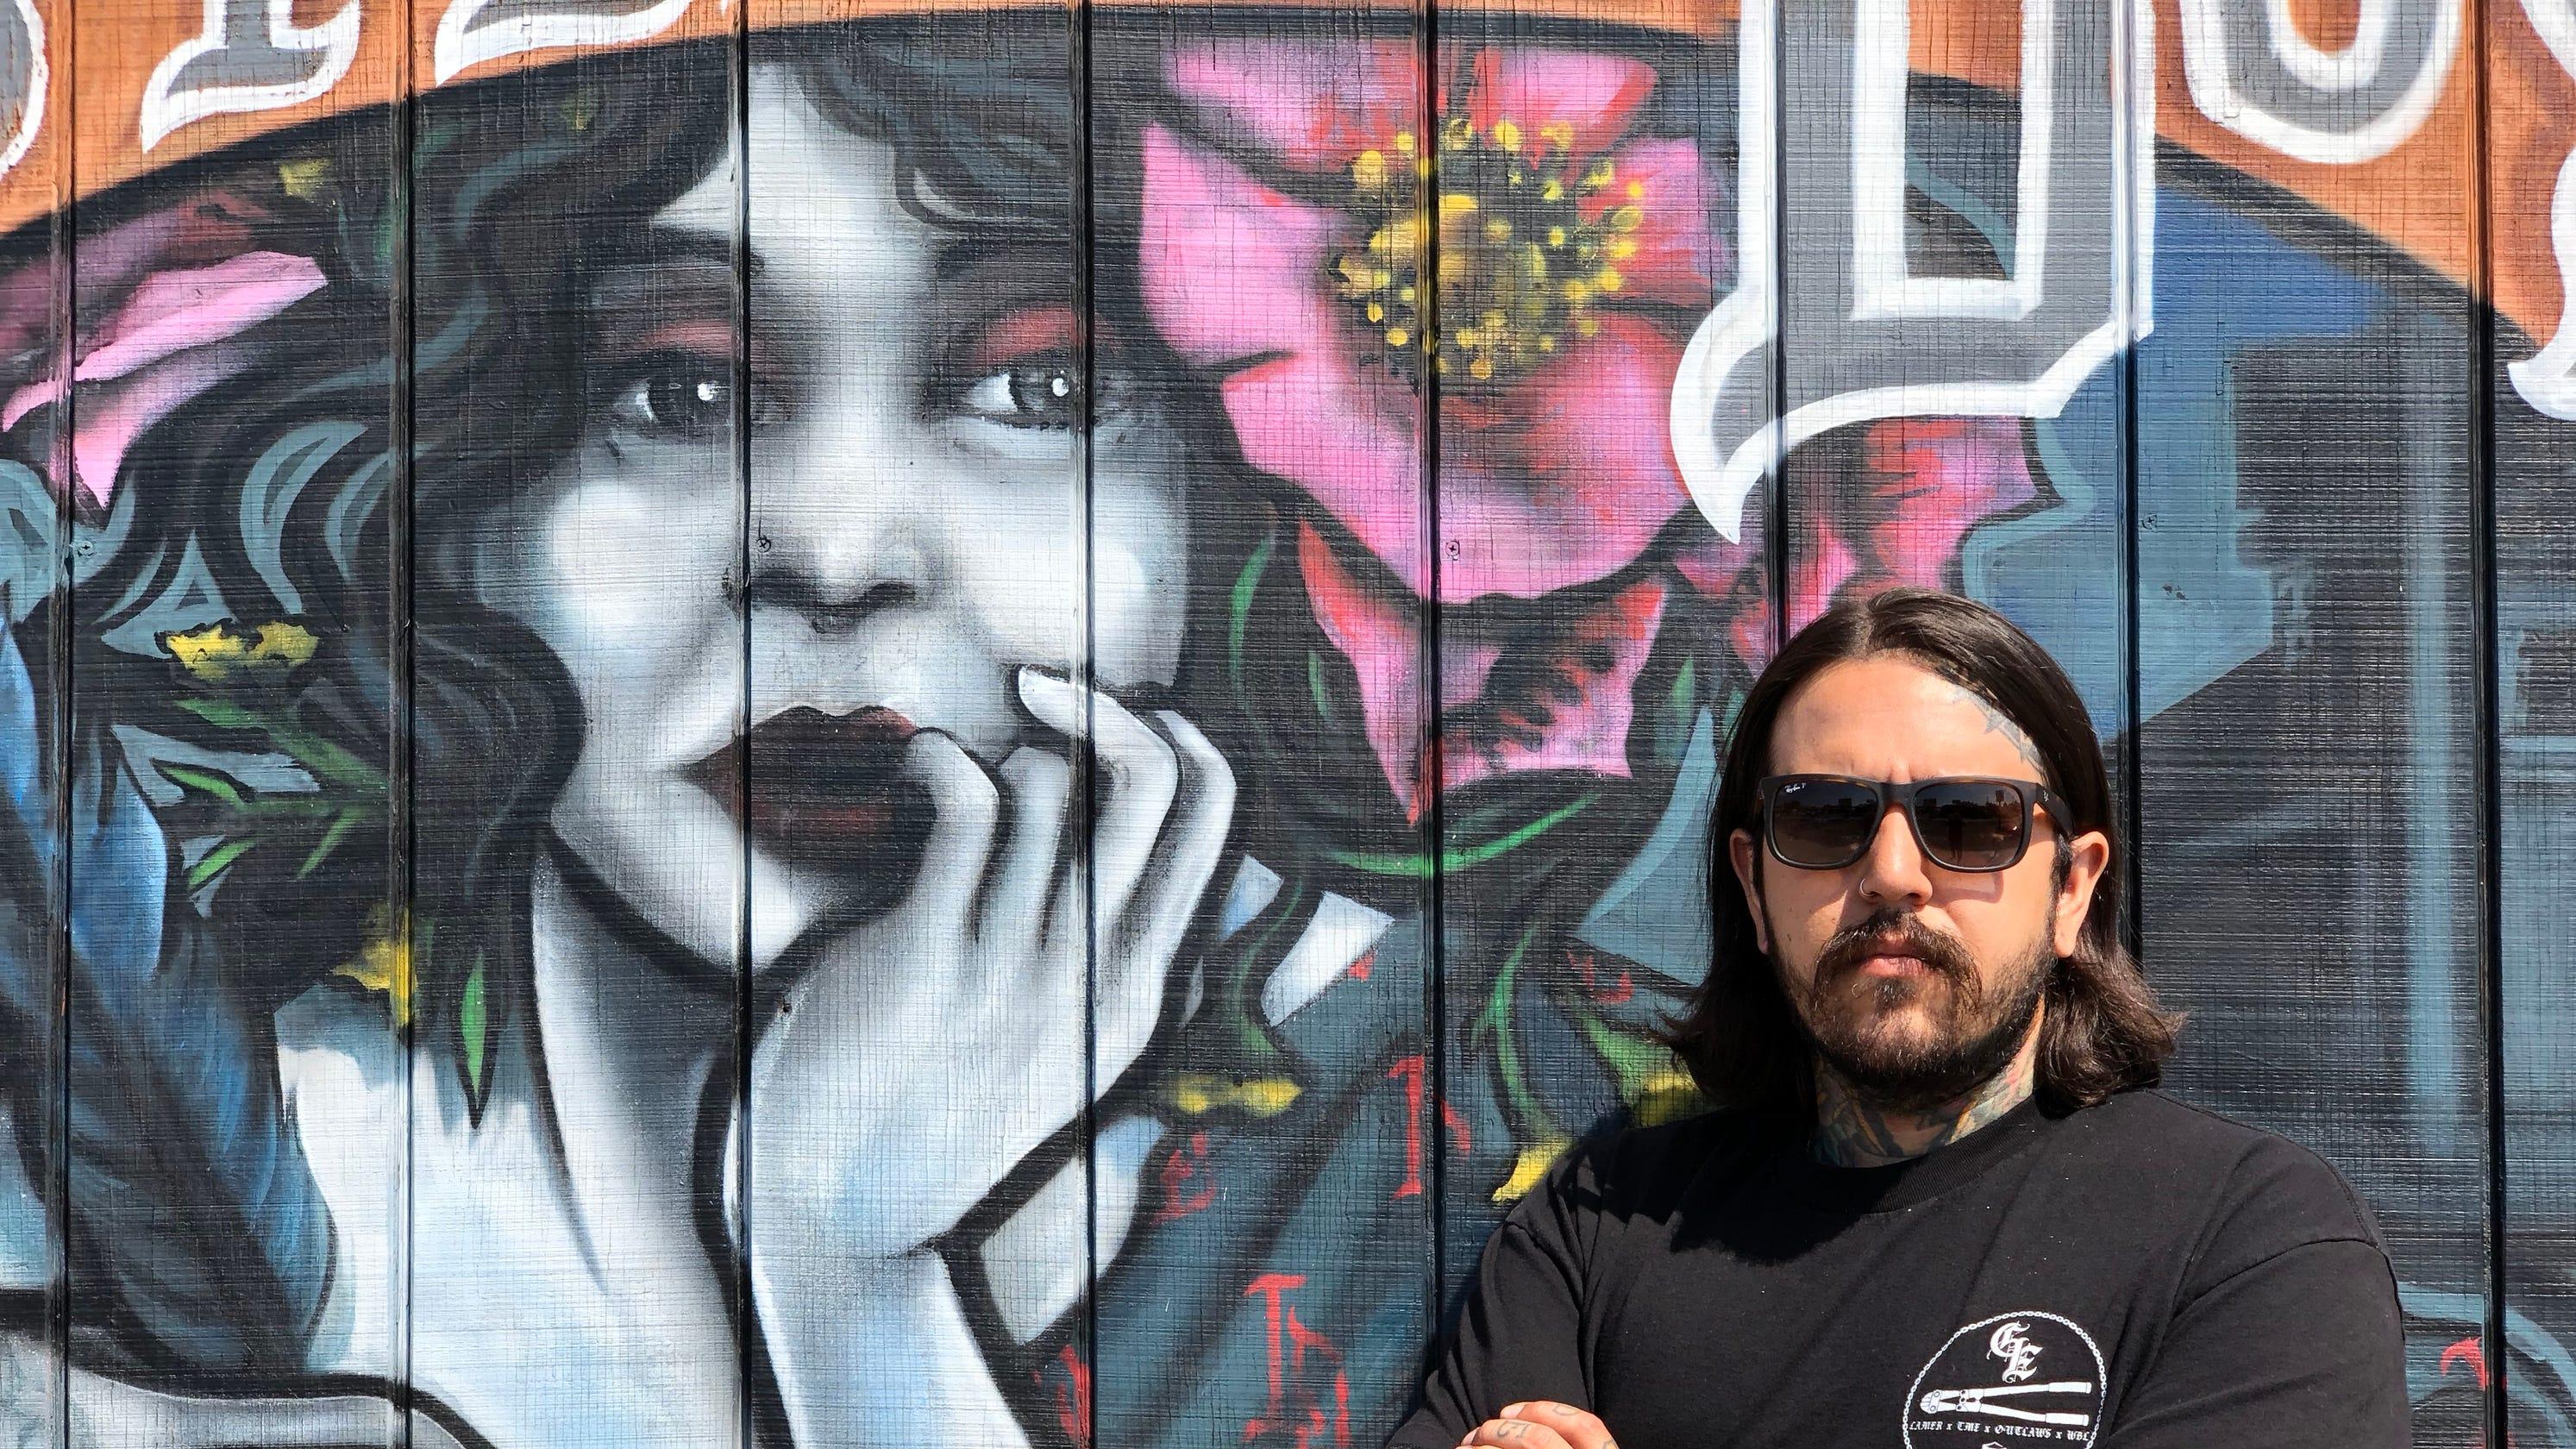 Reno tattoo artist Tony Medellin wins \'Ink Master\' reality show